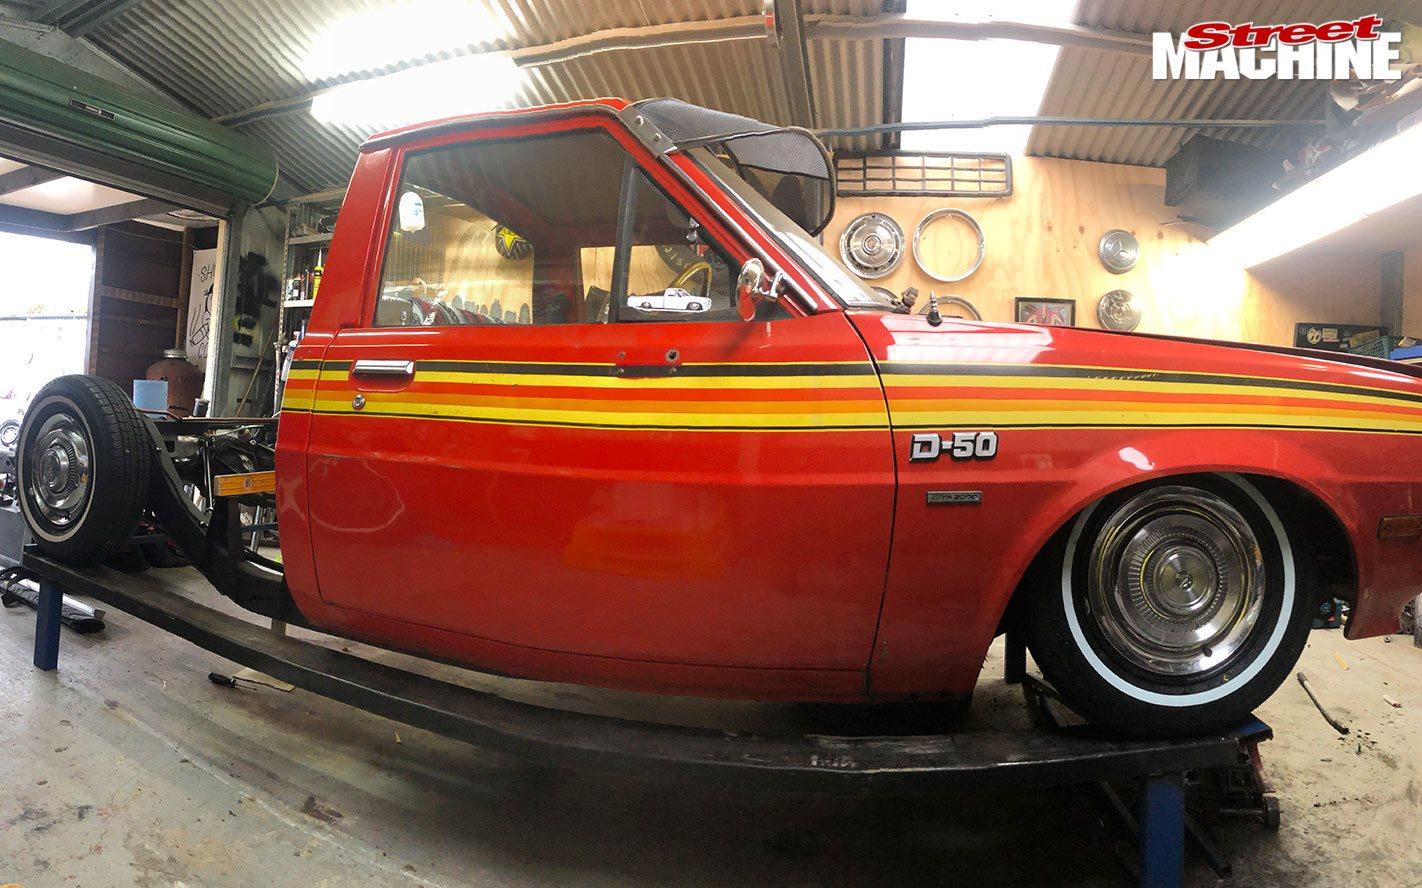 1979 Chrysler D50 build